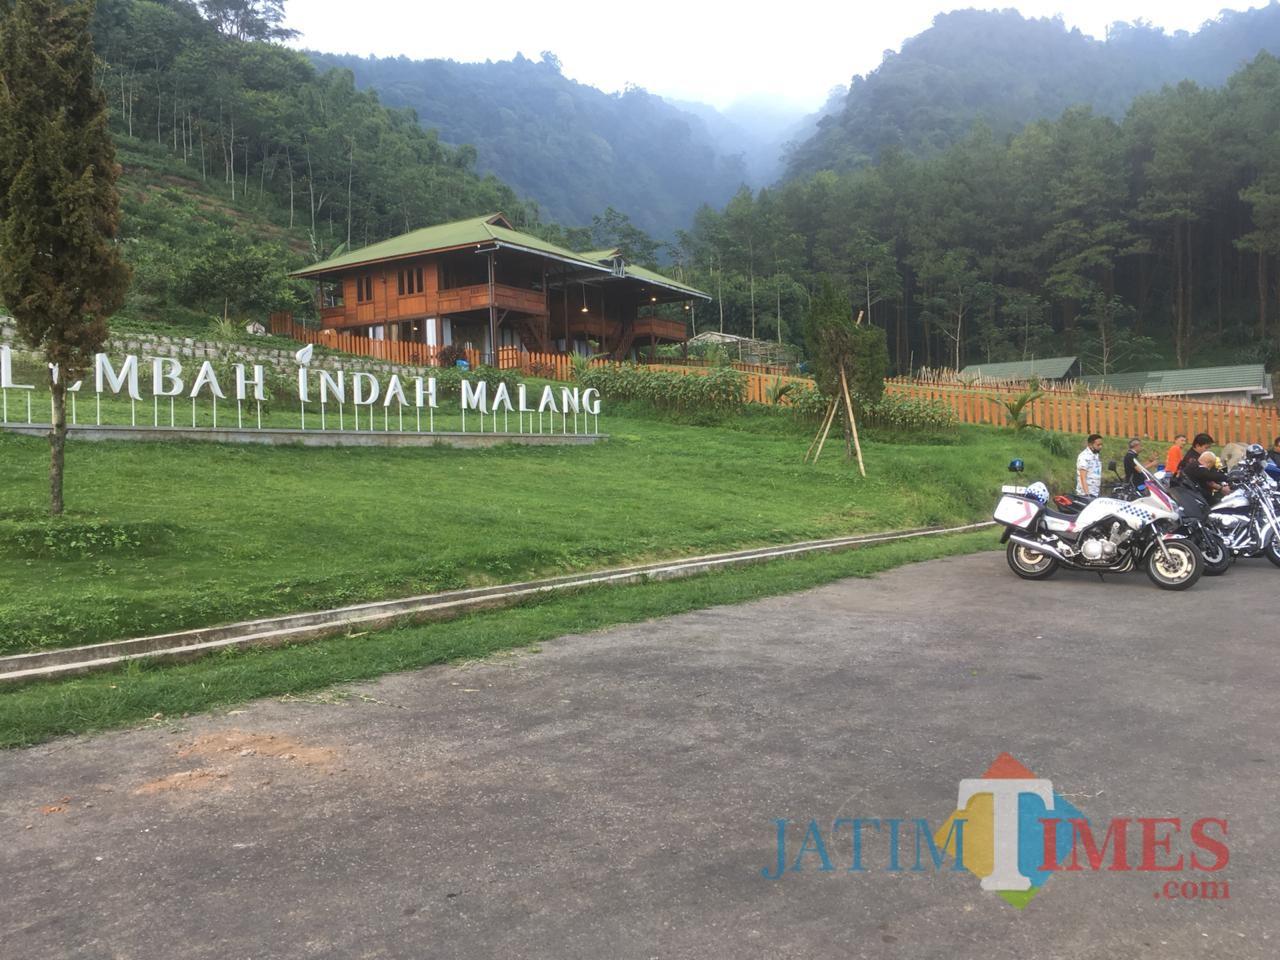 Usai Pandemi Covid 19 Kabupaten Malang Siapkan Destinasi Edukasi Wisata Alam Jatim Times